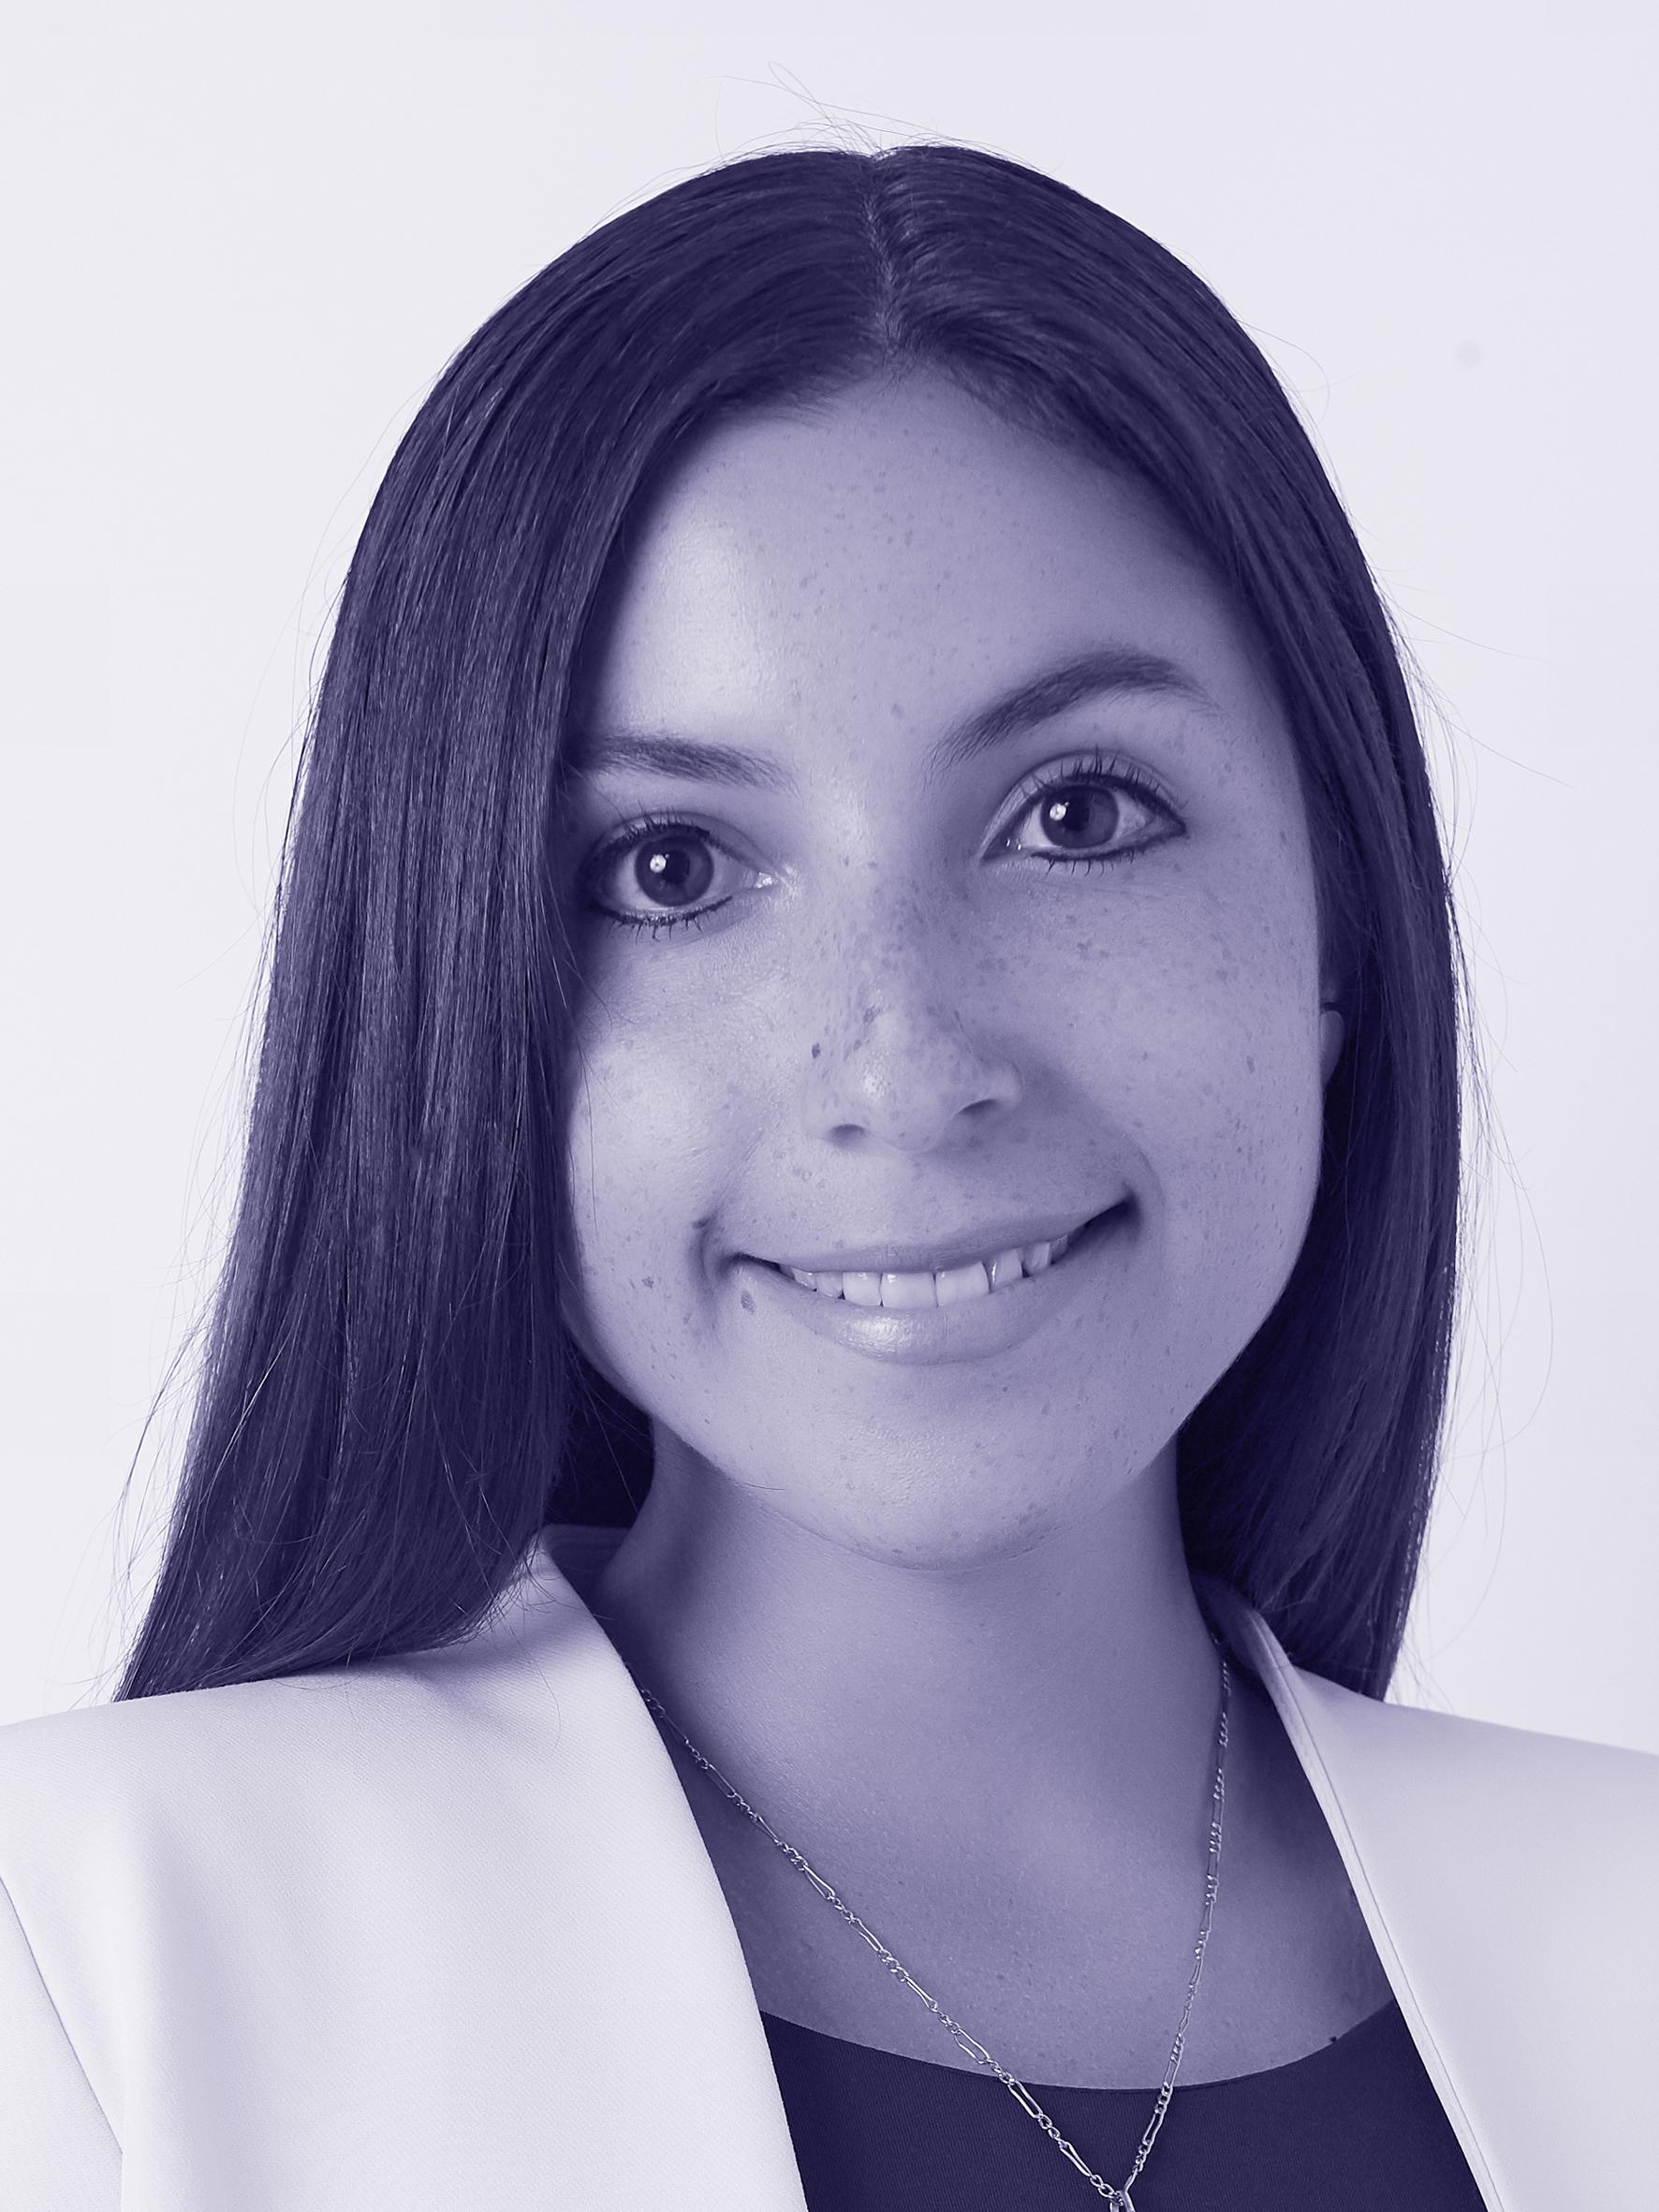 María Lyliana Ongaro De Vettori